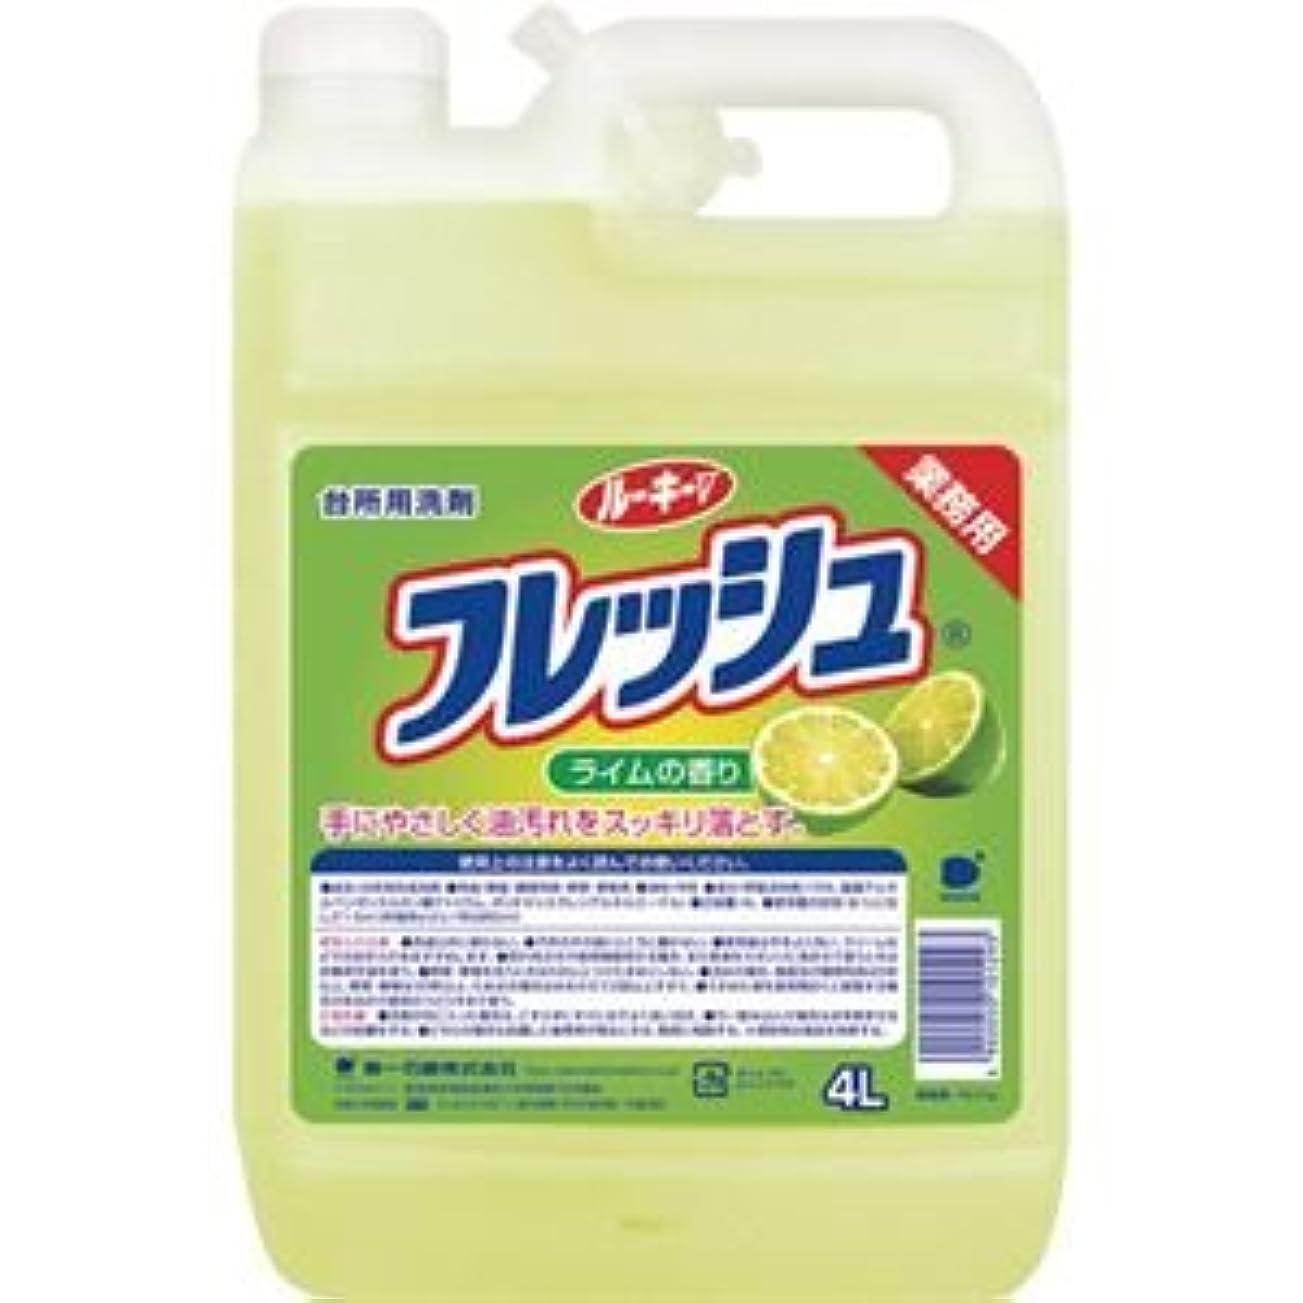 廃止ループナプキン(まとめ) 第一石鹸 ルーキーVフレッシュ 業務用 4L 1本 【×5セット】